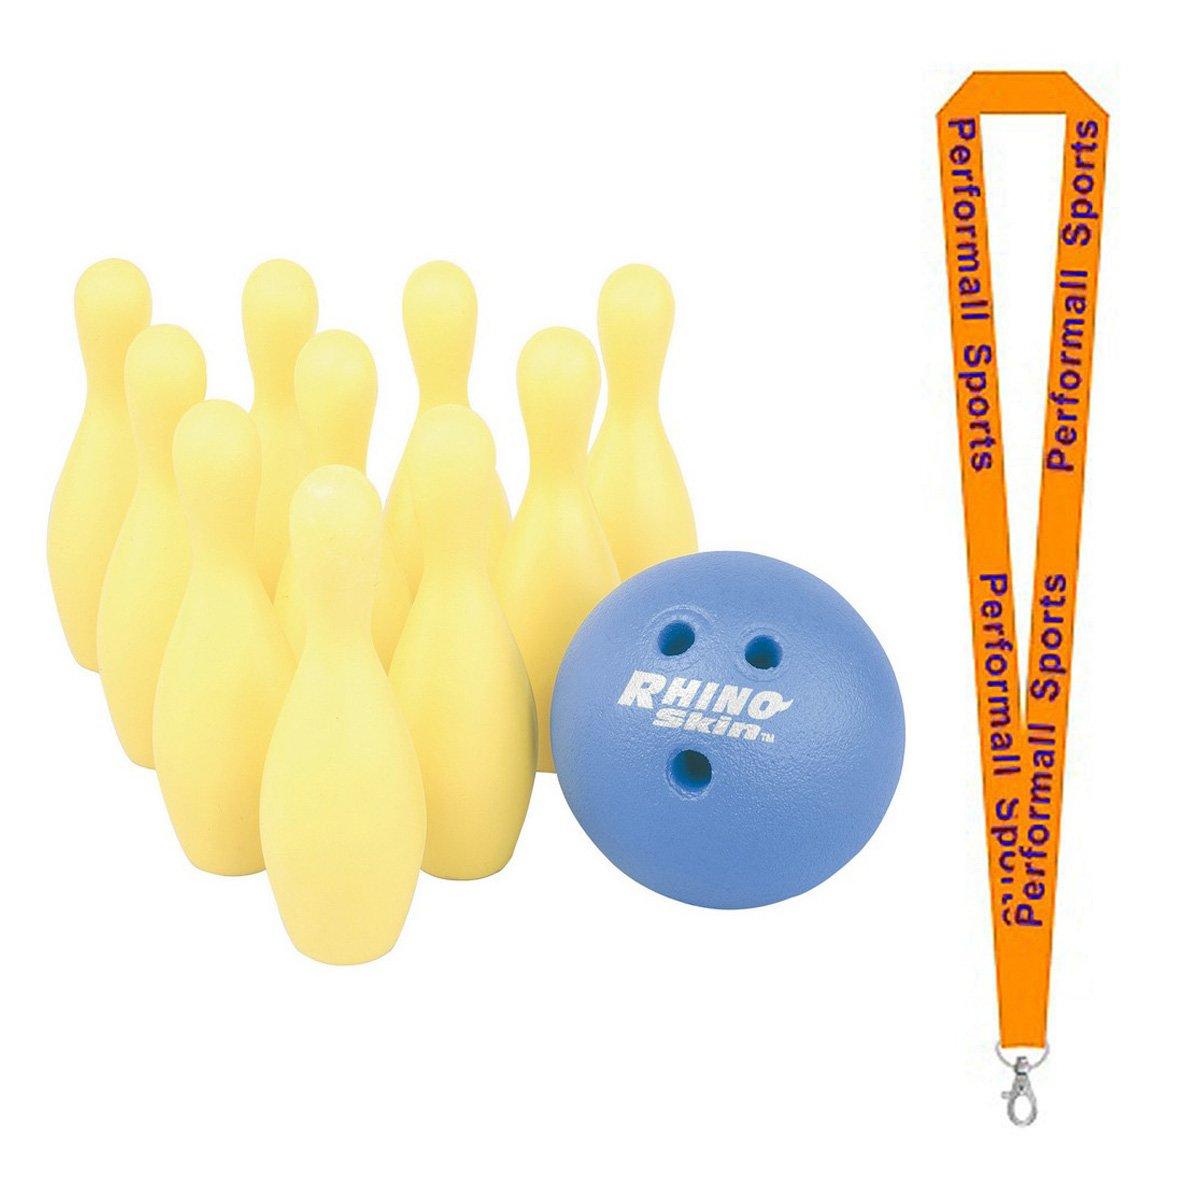 Champion Sports Foam Bowling Pin Set Yellow Bundle with 1 Performall Lanyard FBPINSET-1P